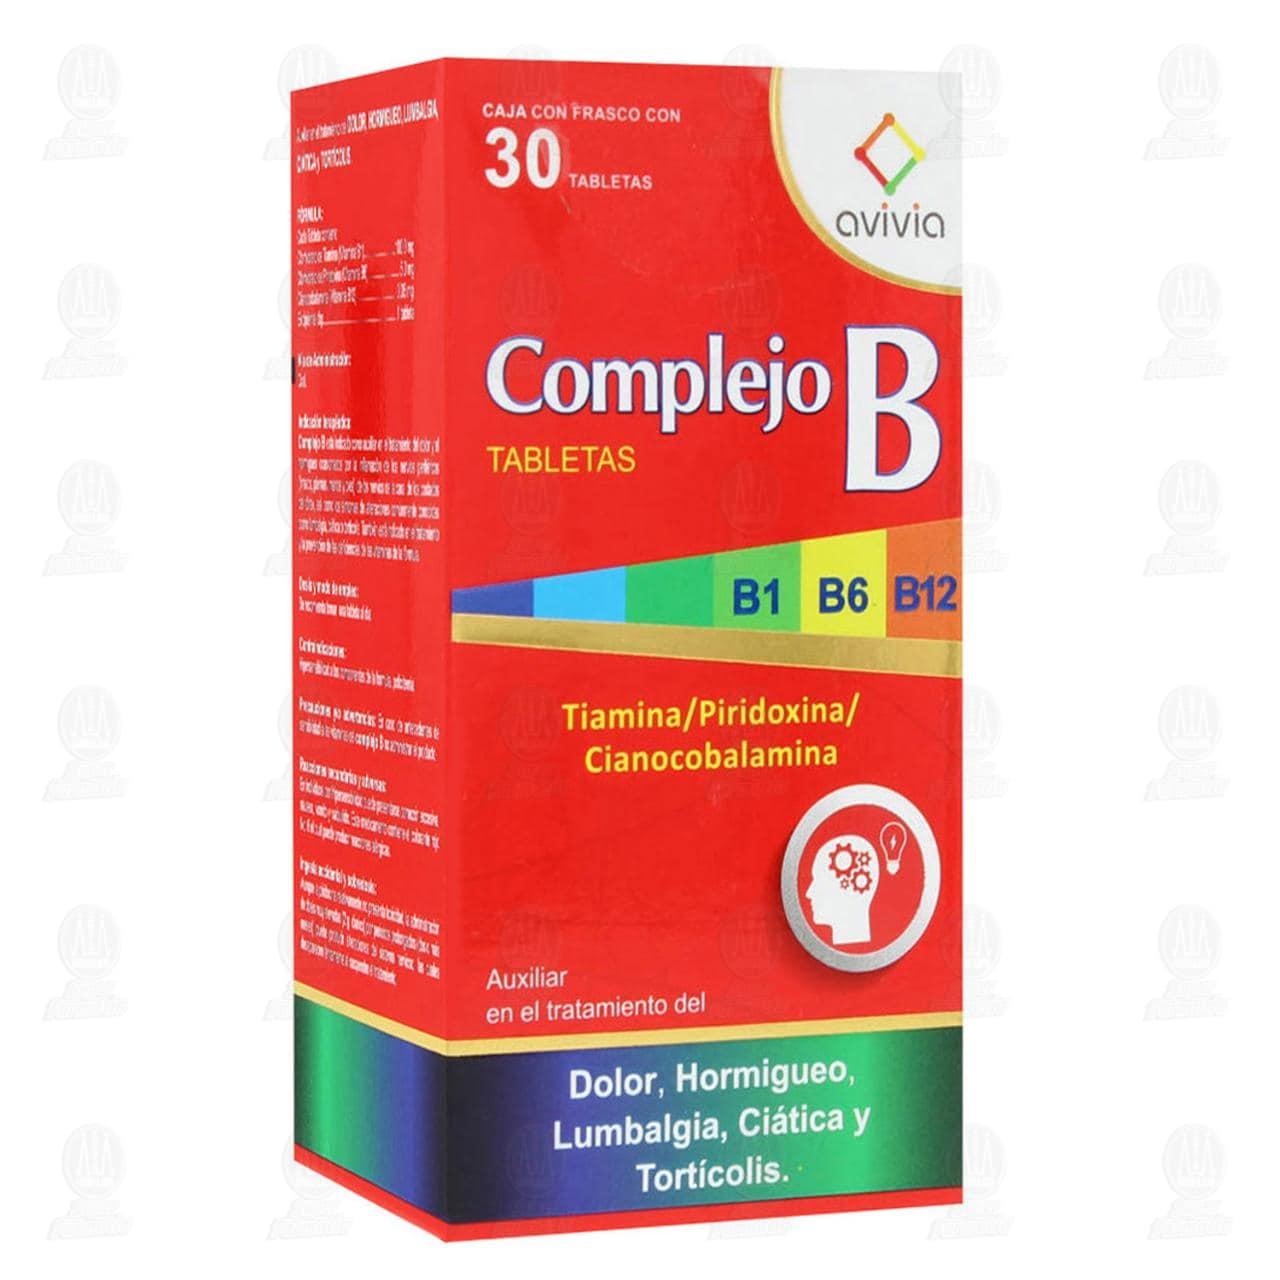 Comprar Complejo B 30 Tabletas en Farmacias Guadalajara